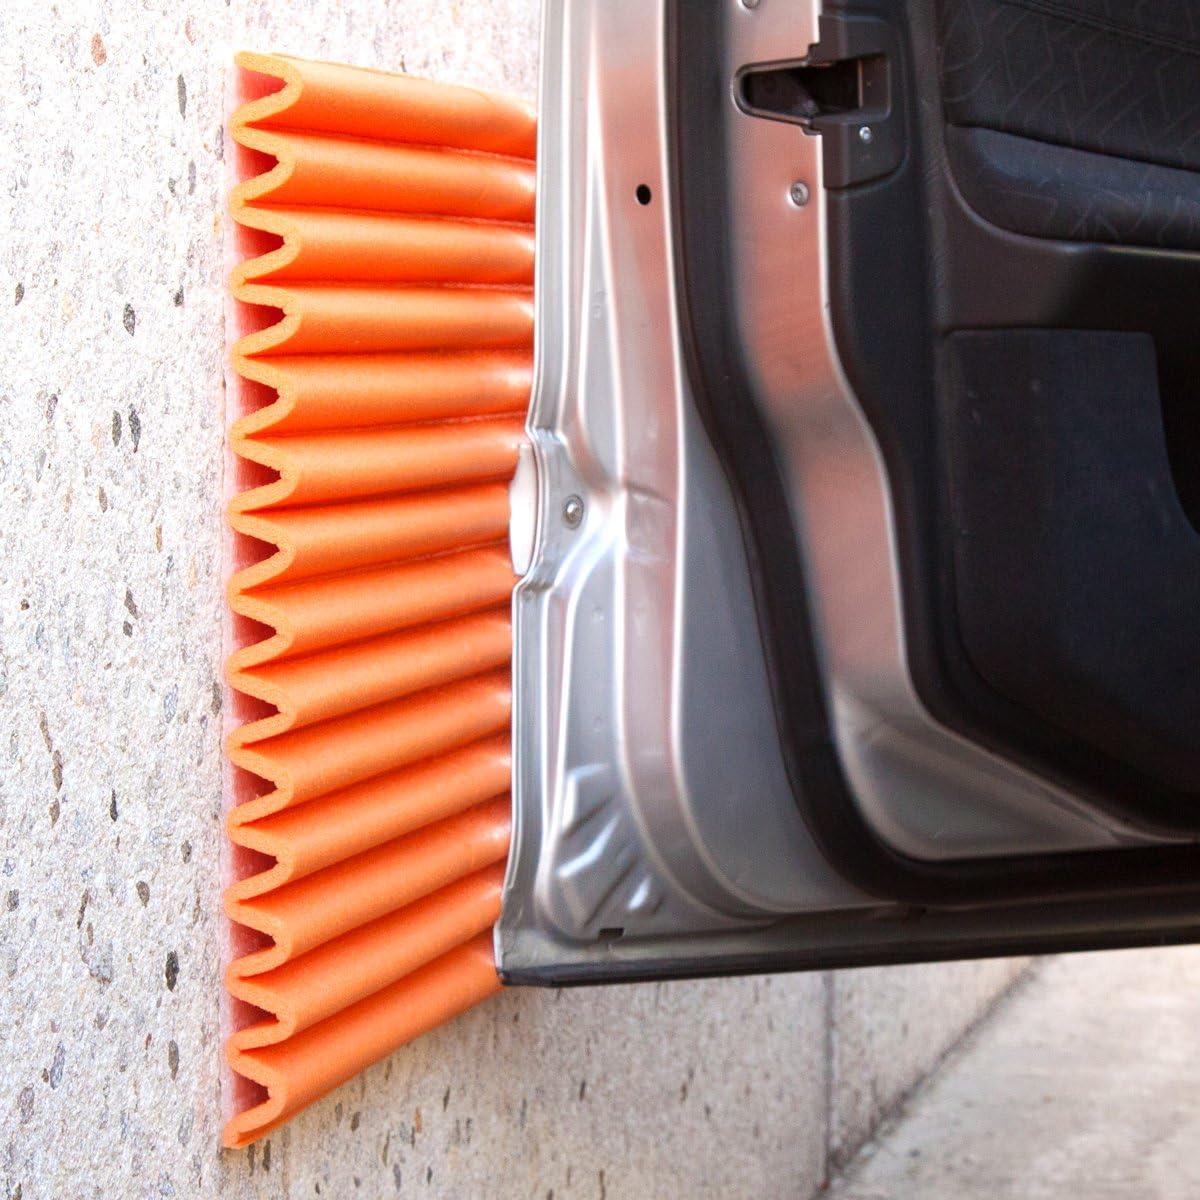 Paracolpi auto - Pannelli Wall Bumper di leggerodesign| Paracolpi Garage per proteggere le portiere dell'auto